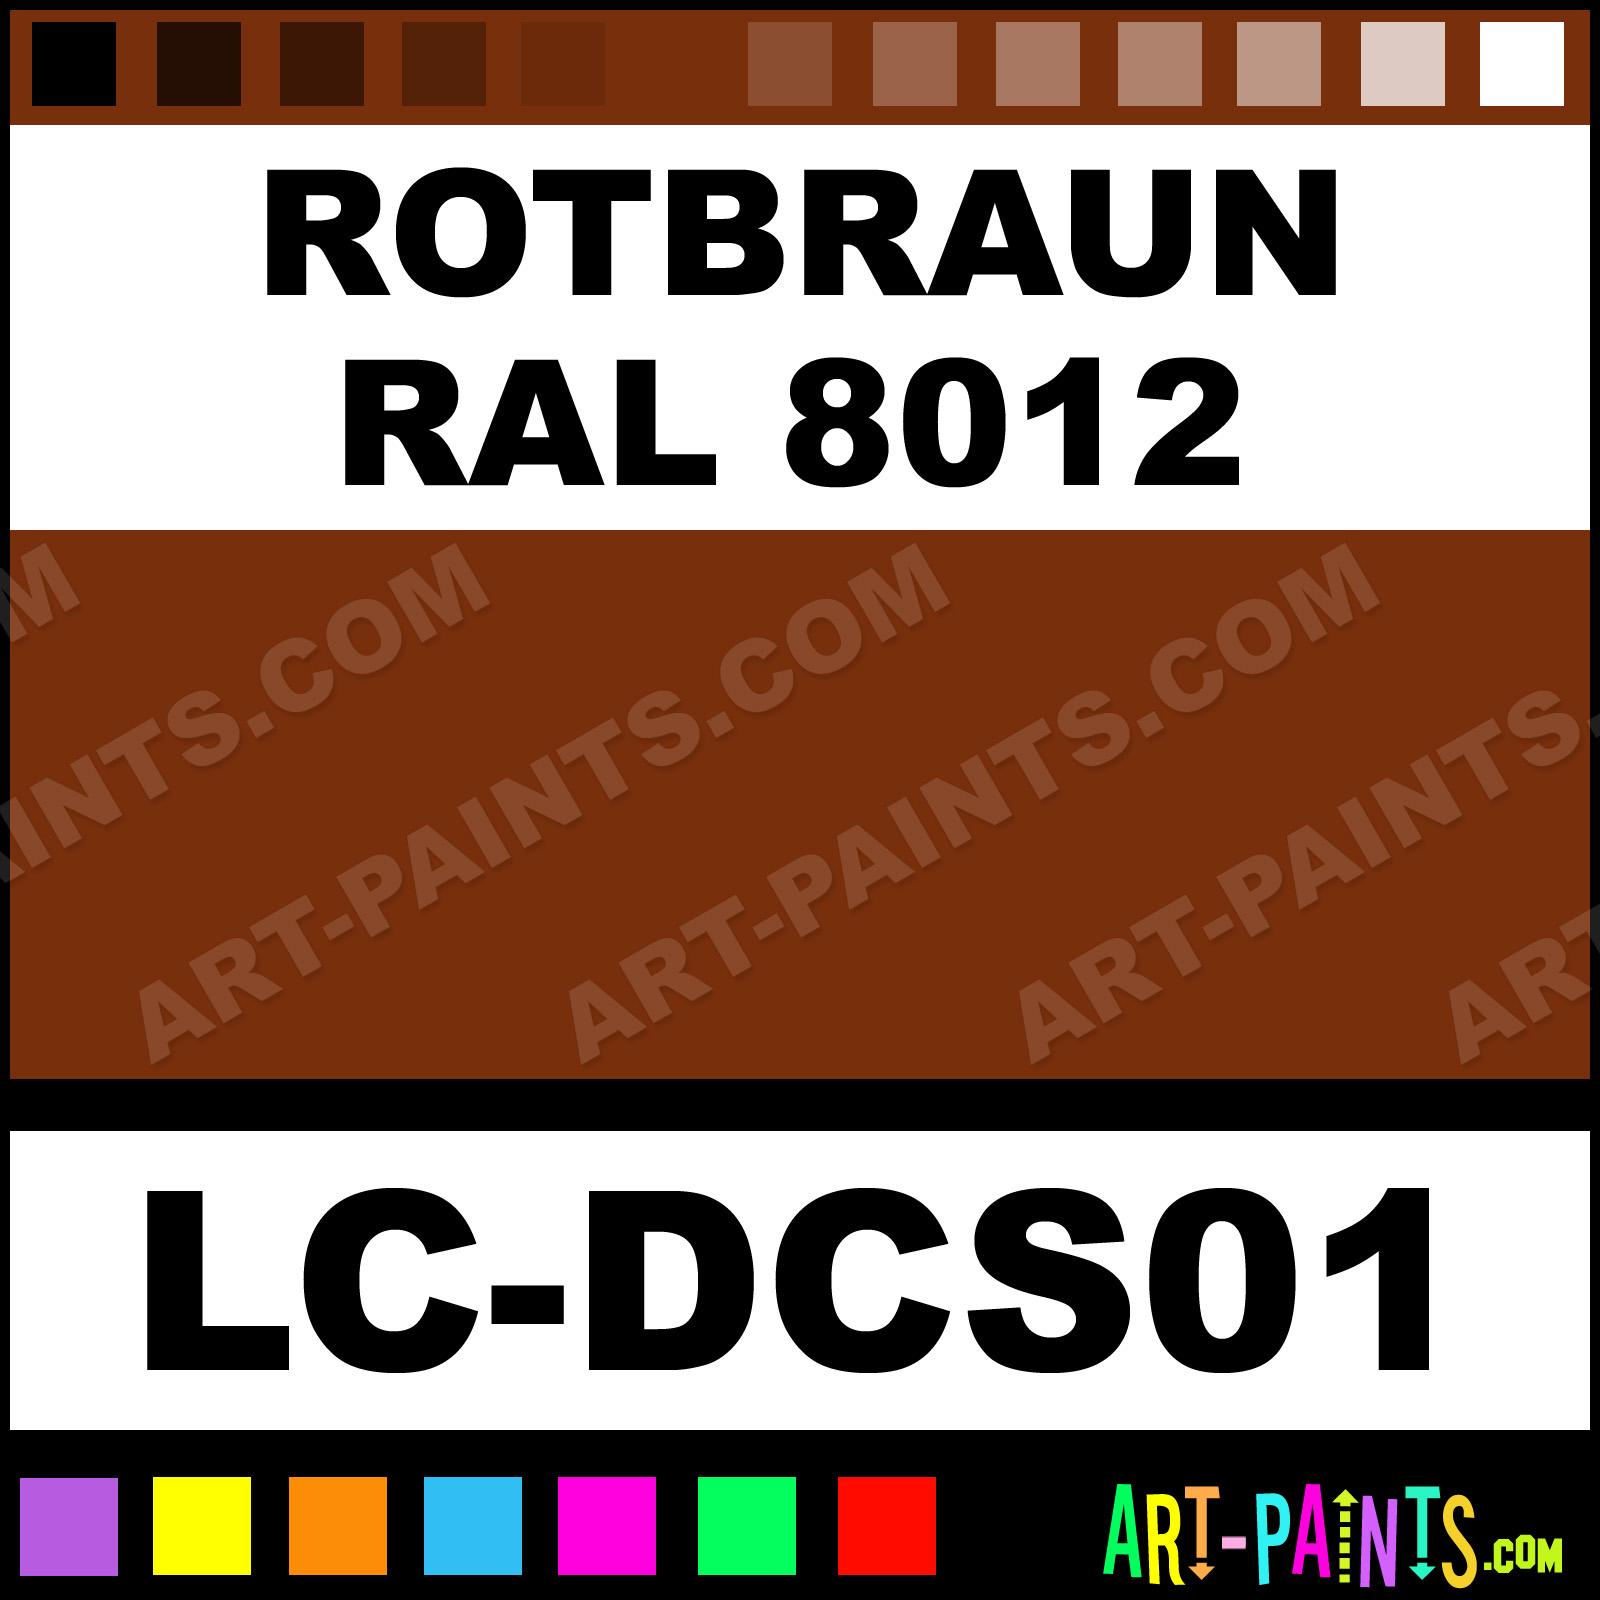 Rotbraun RAL 8012 German Tanks WWII Set Airbrush Spray Paints - LC-DCS01 -  Rotbraun RAL 8012 Paint, Rotbraun RAL 8012 Color, Lifecolor German Tanks  WWII Set ...